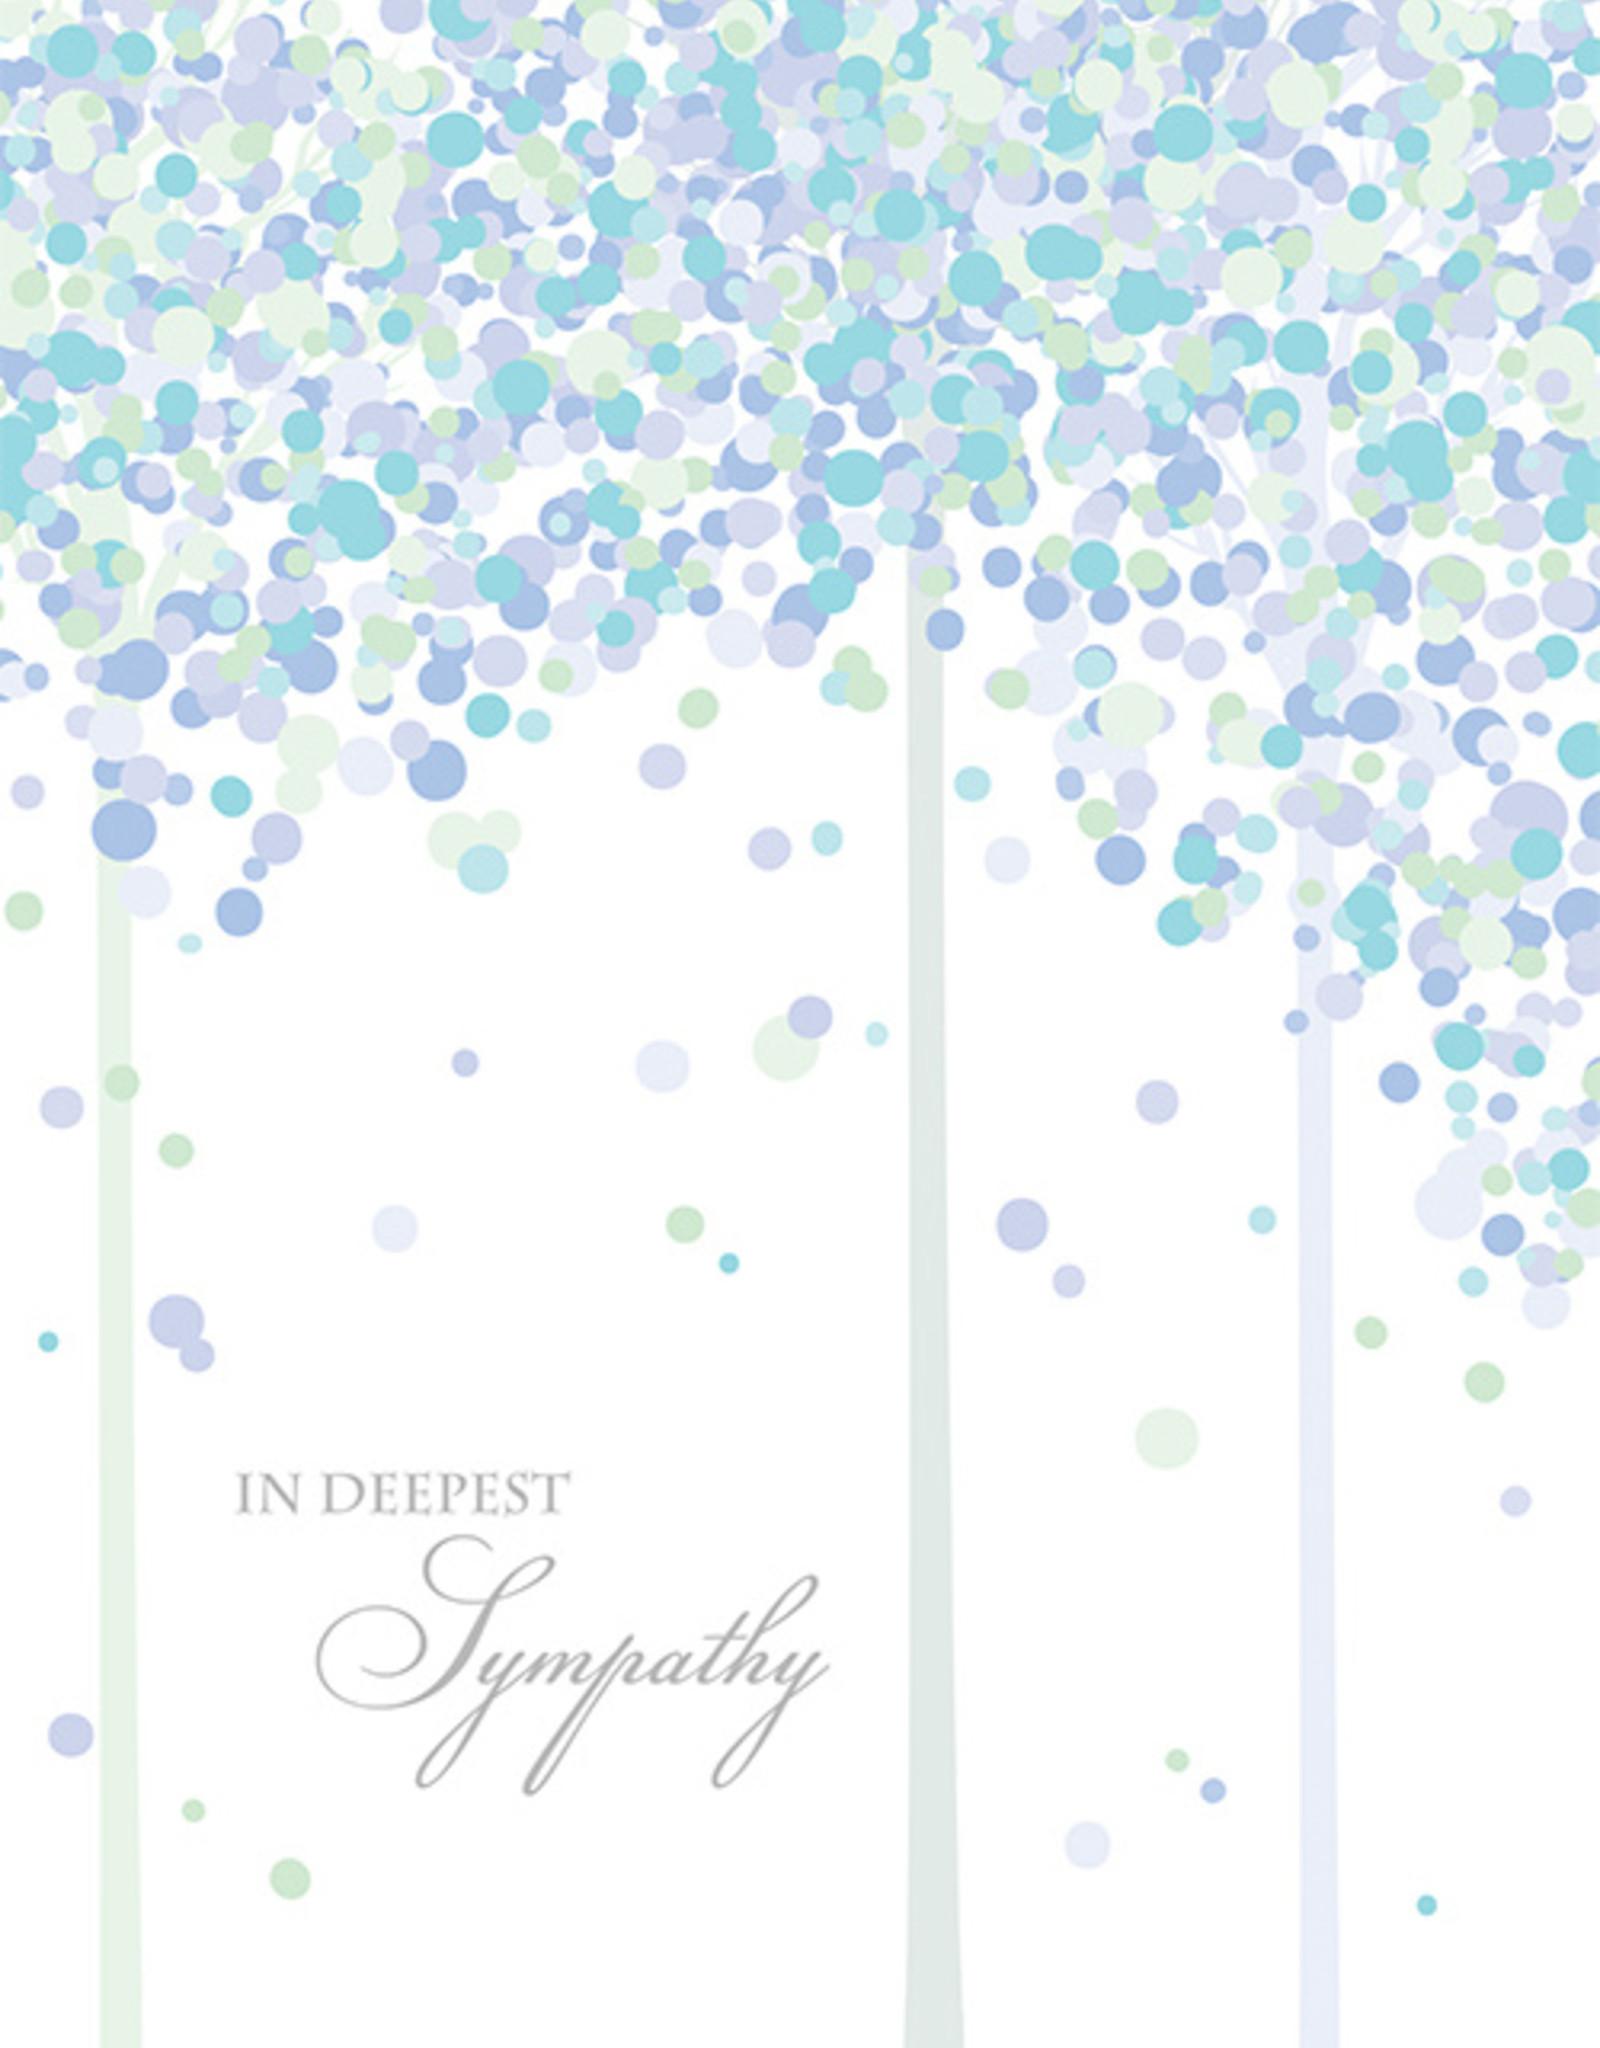 Pictura Pictura - Sympathy Card